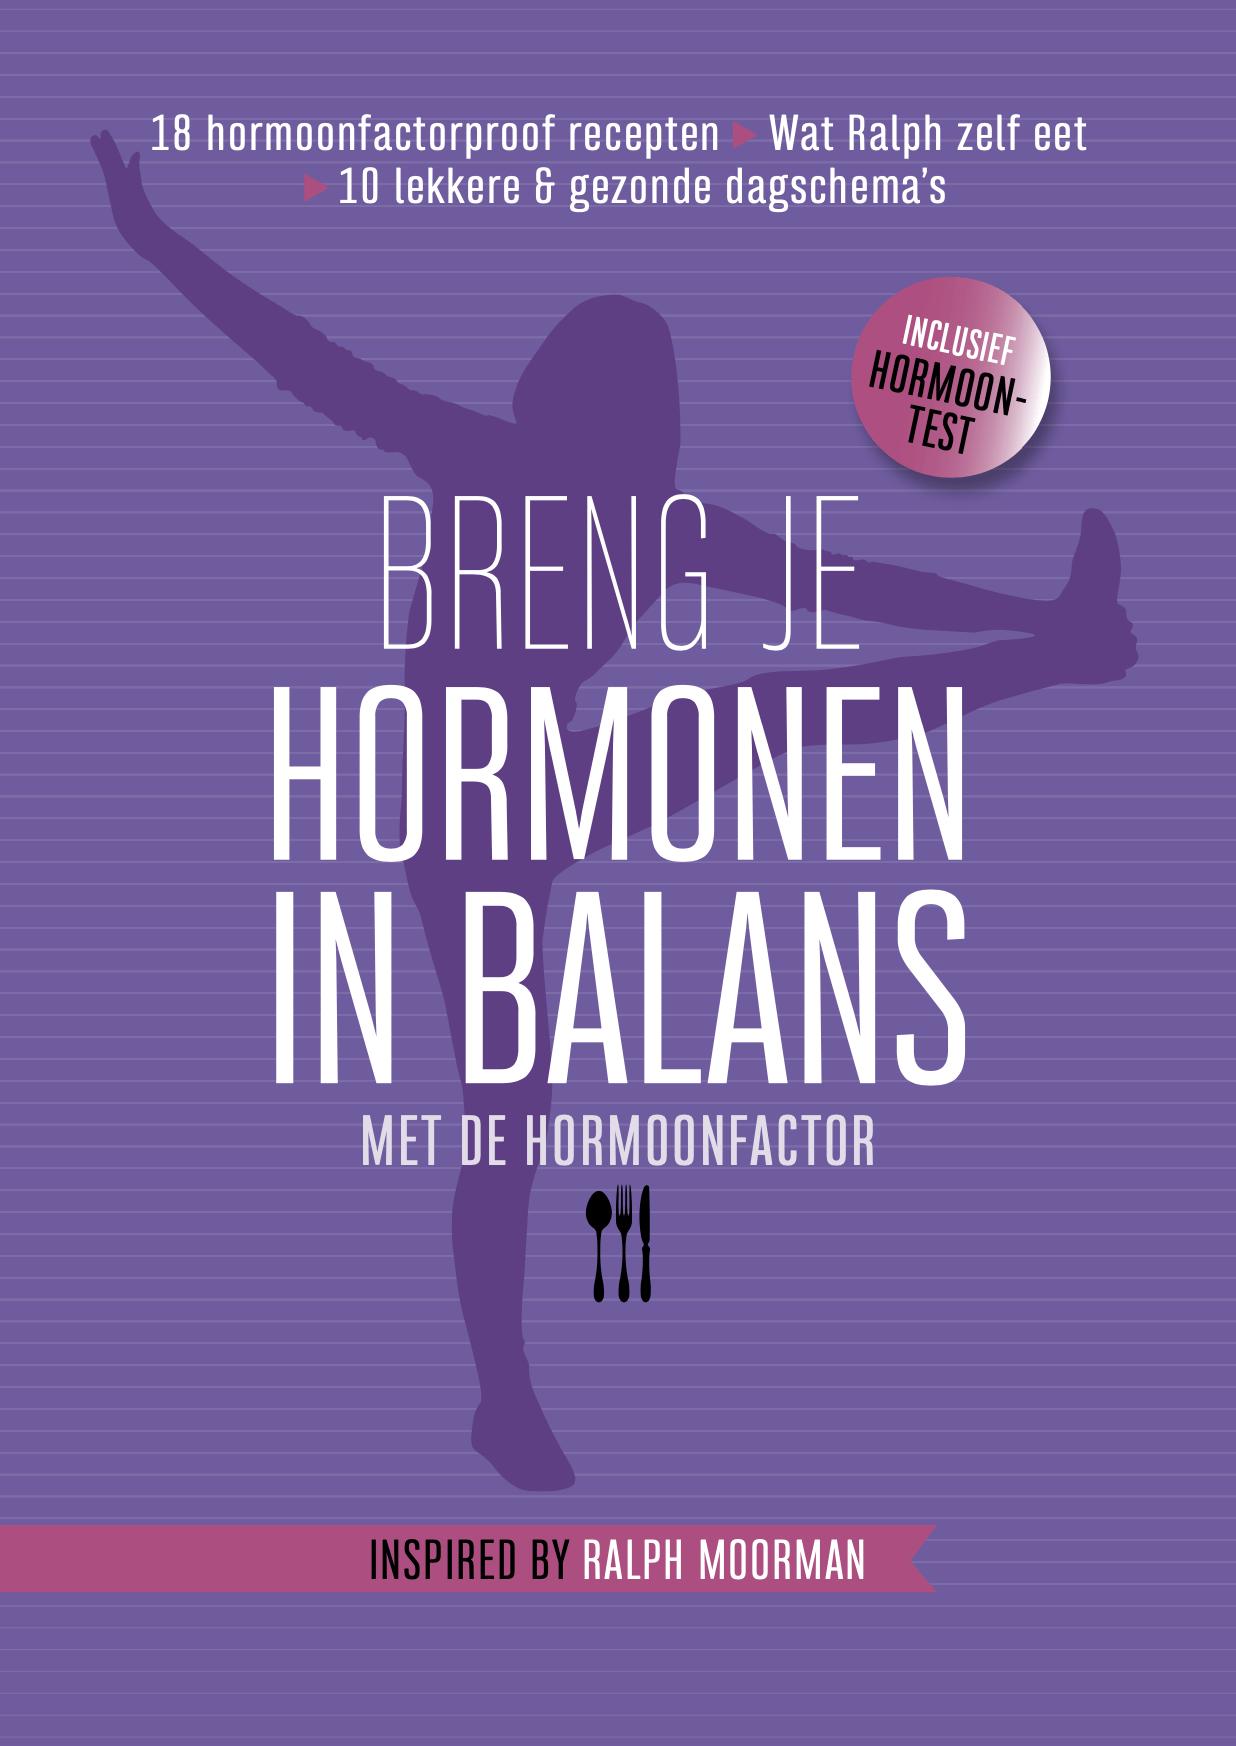 hormonen in balans e-book cover